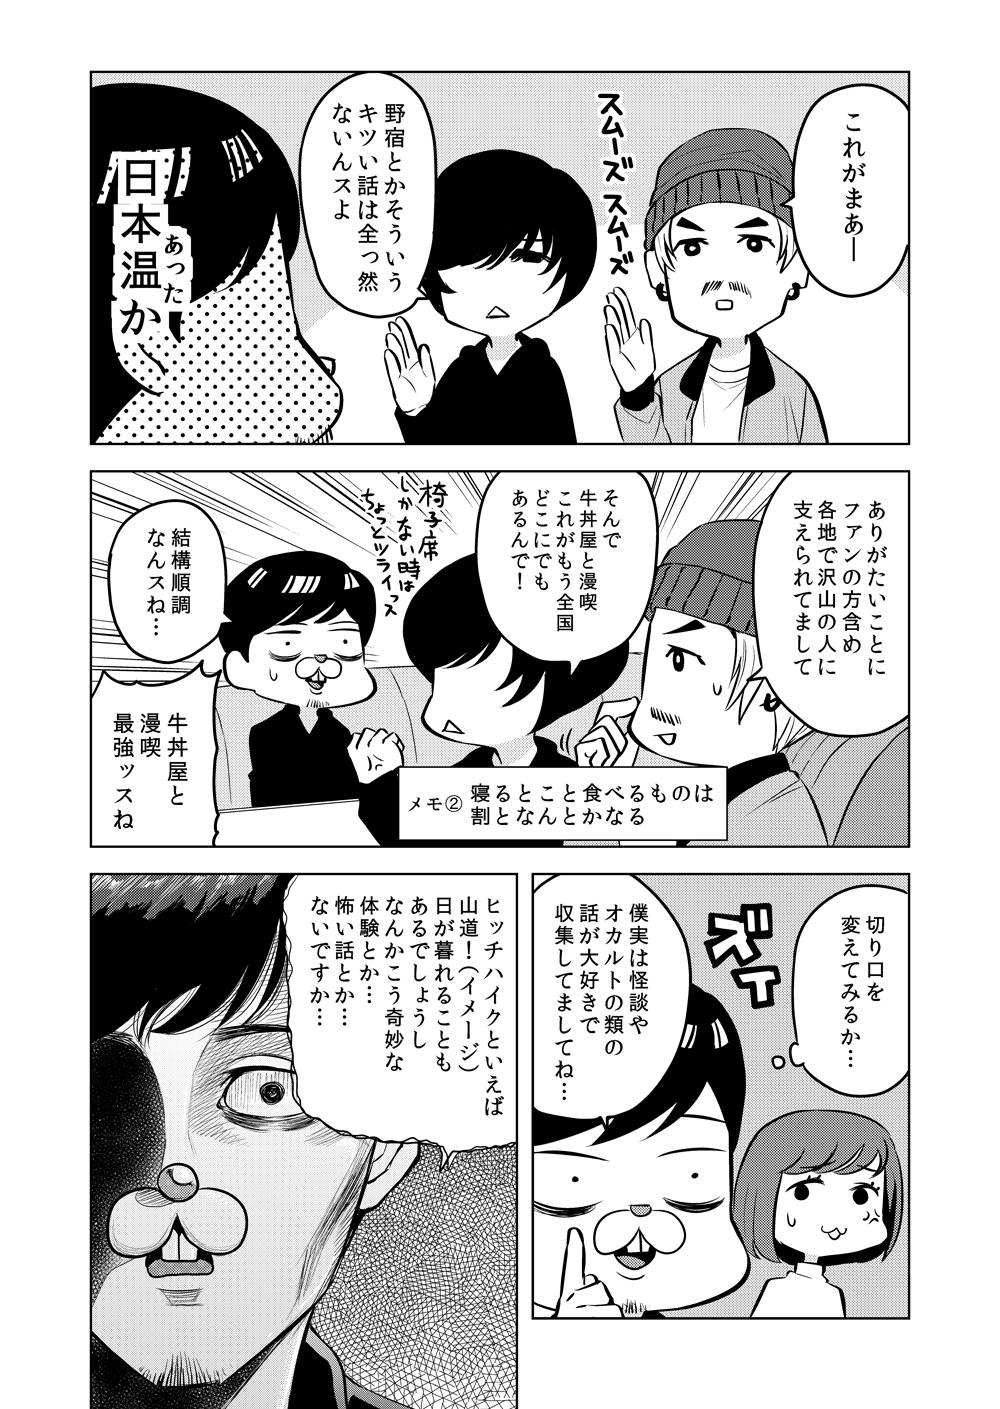 denpa-girl-manga-05